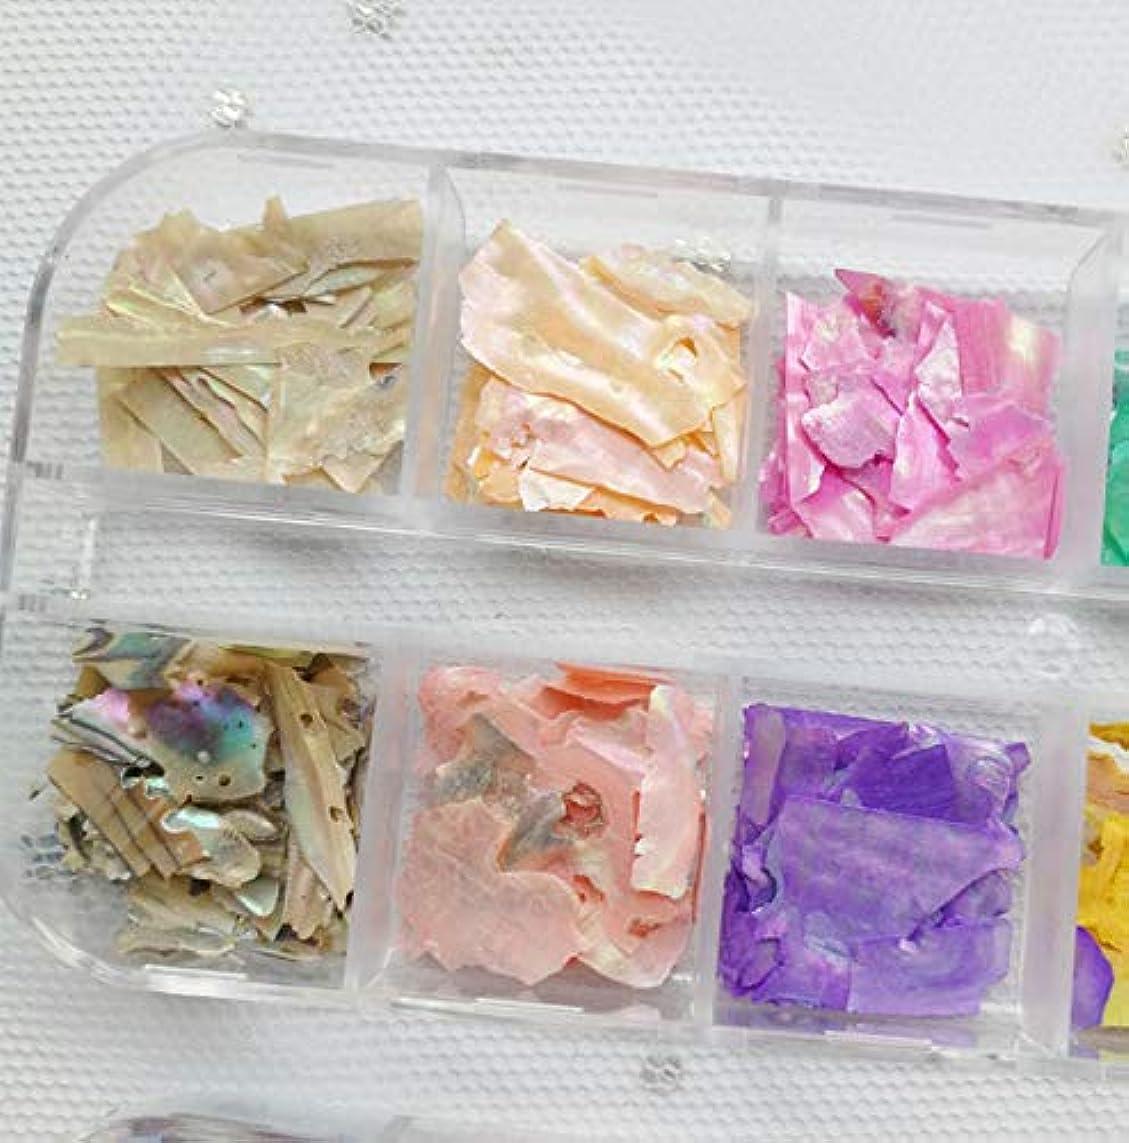 腐食する間違えた生活シェルフレーク 夏ネイル用 貝殻片 ネイルアート ネイルパーツ ネイルアクセサリー 天然 可愛い カラー 超薄 12色/セット ケース付き